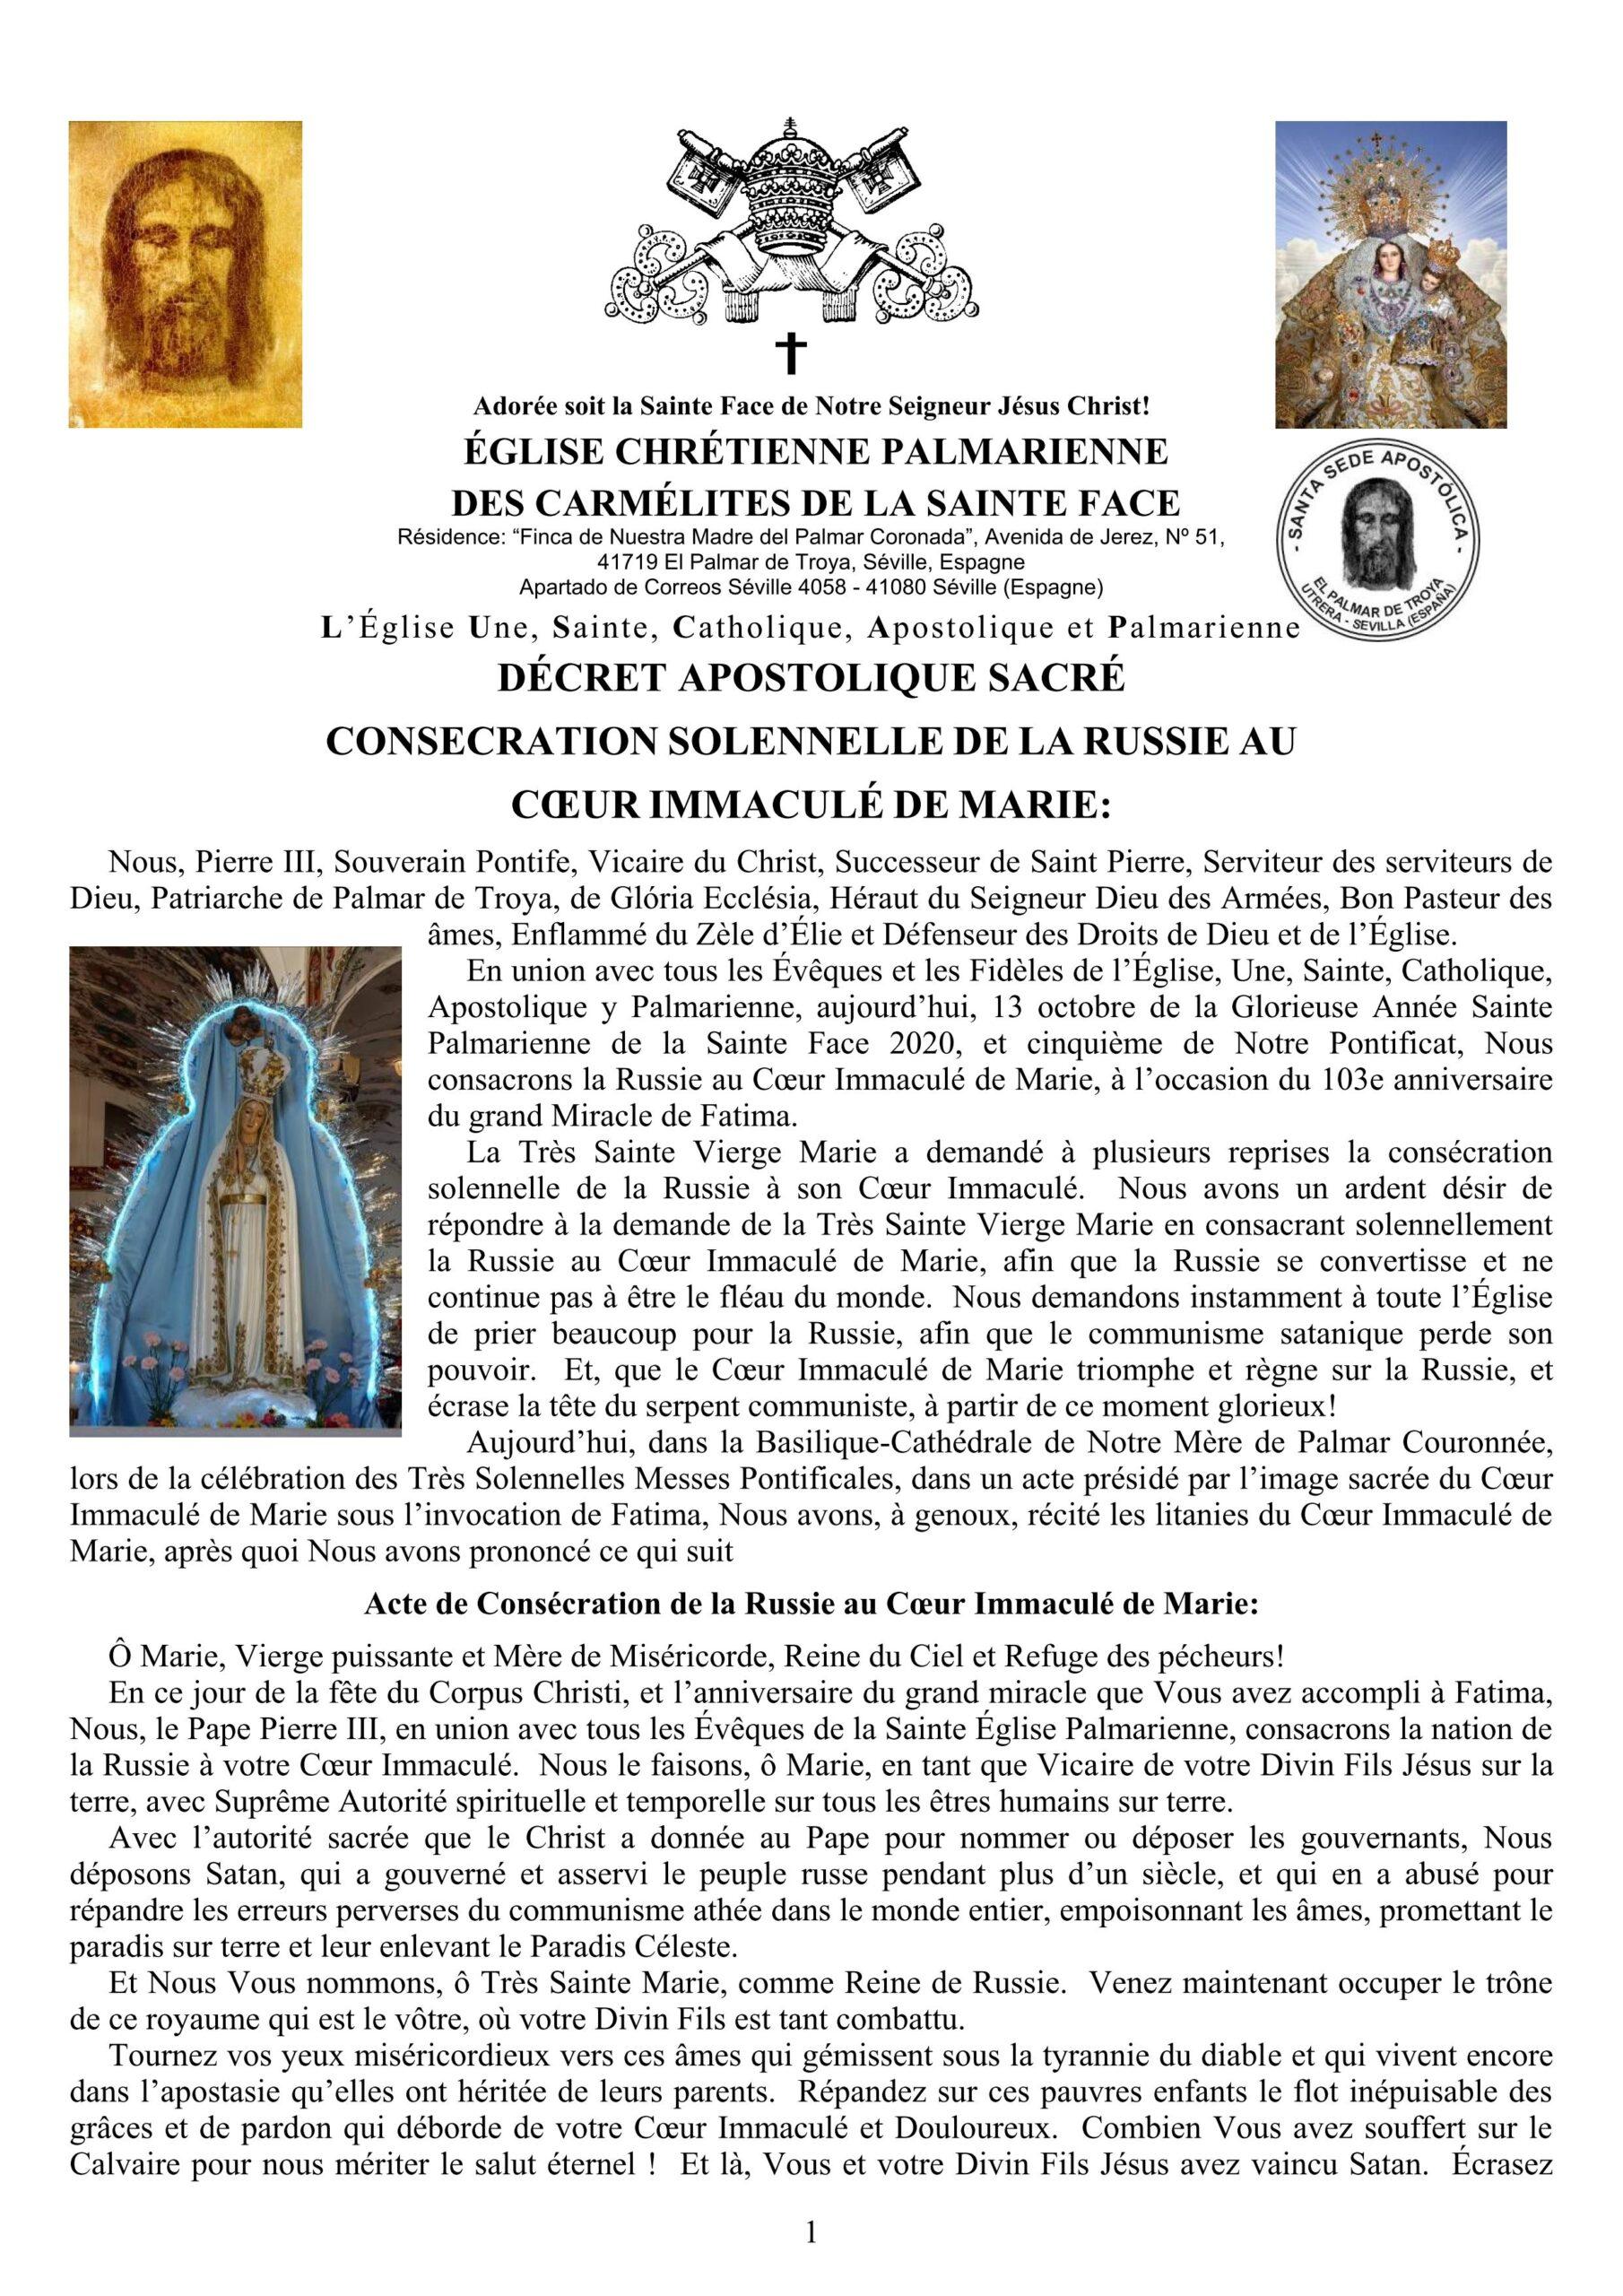 """<a href=""""/wp-content/uploads/2021/01/French_-Decreto-Consagracion-de-Rusia.pdf"""" title=""""Décret Apostolique Sacré Consecration Solennelle De La Russie au Cœur Immaculé de Marie""""><i>Décret Apostolique Sacré Consecration Solennelle De La Russie au Cœur Immaculé de Marie</i><br><br>En Savoir Plus"""